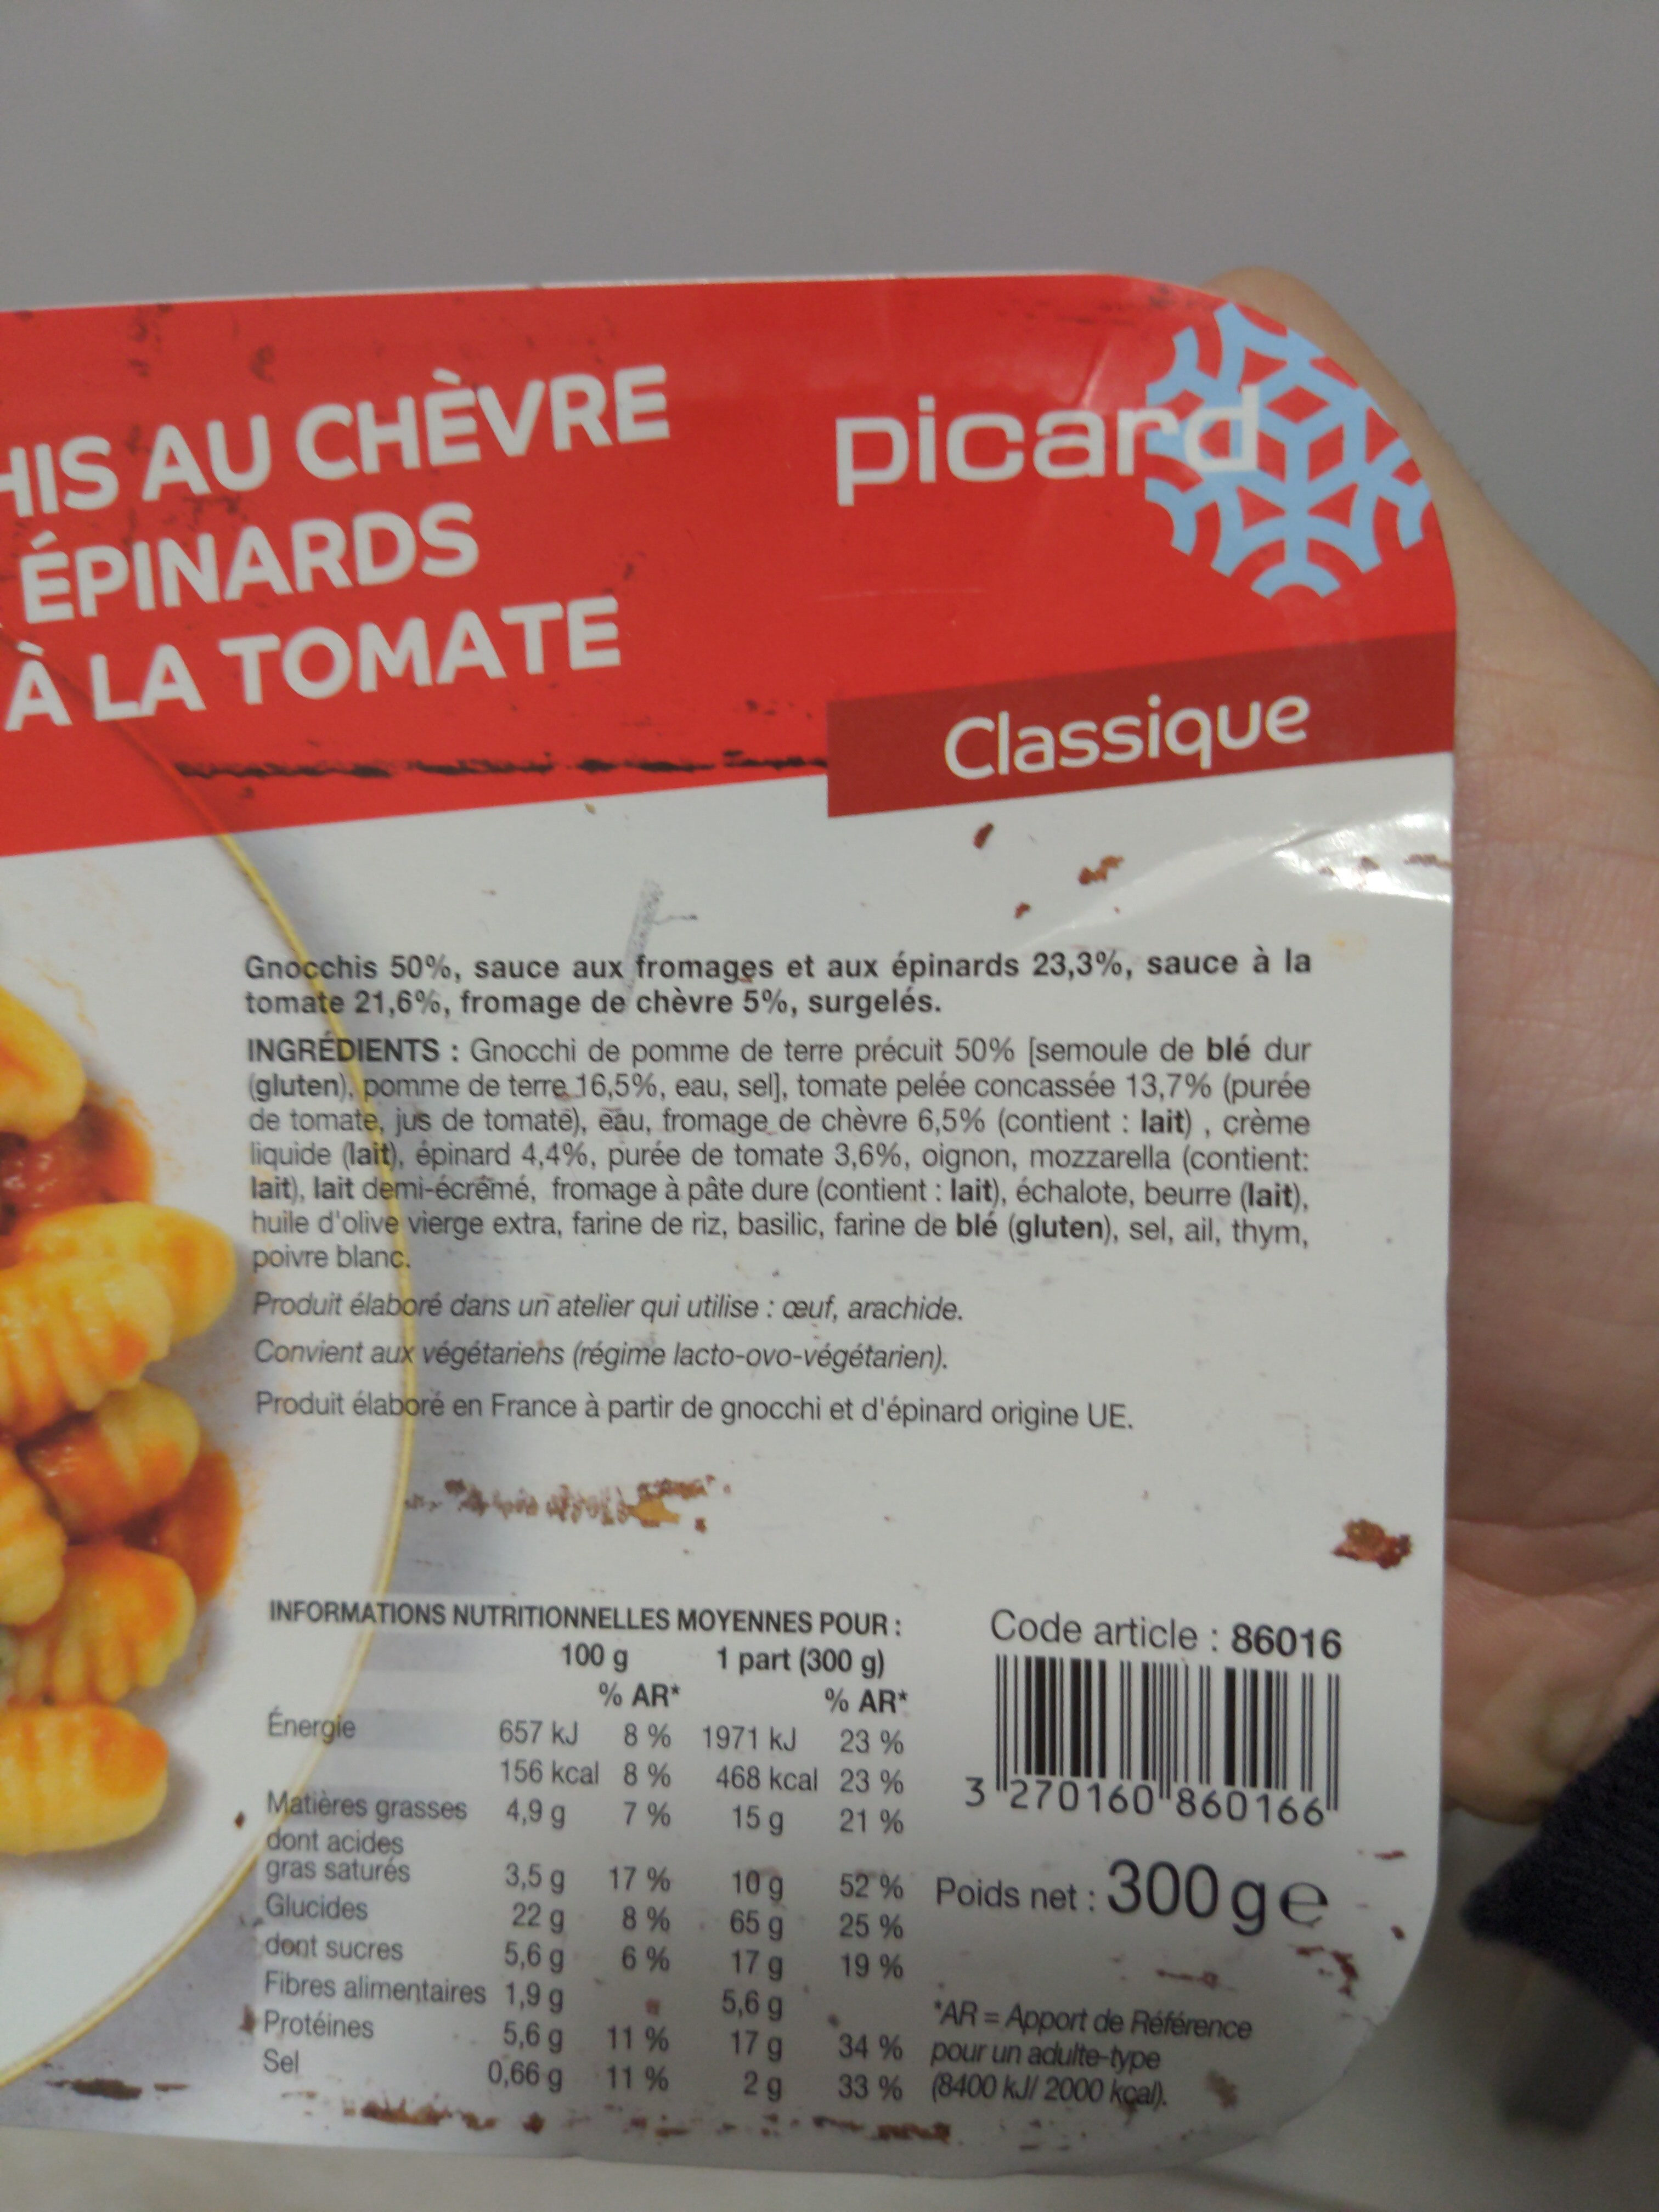 Gnocchis au chèvre et aux épinards - Ingredientes - fr